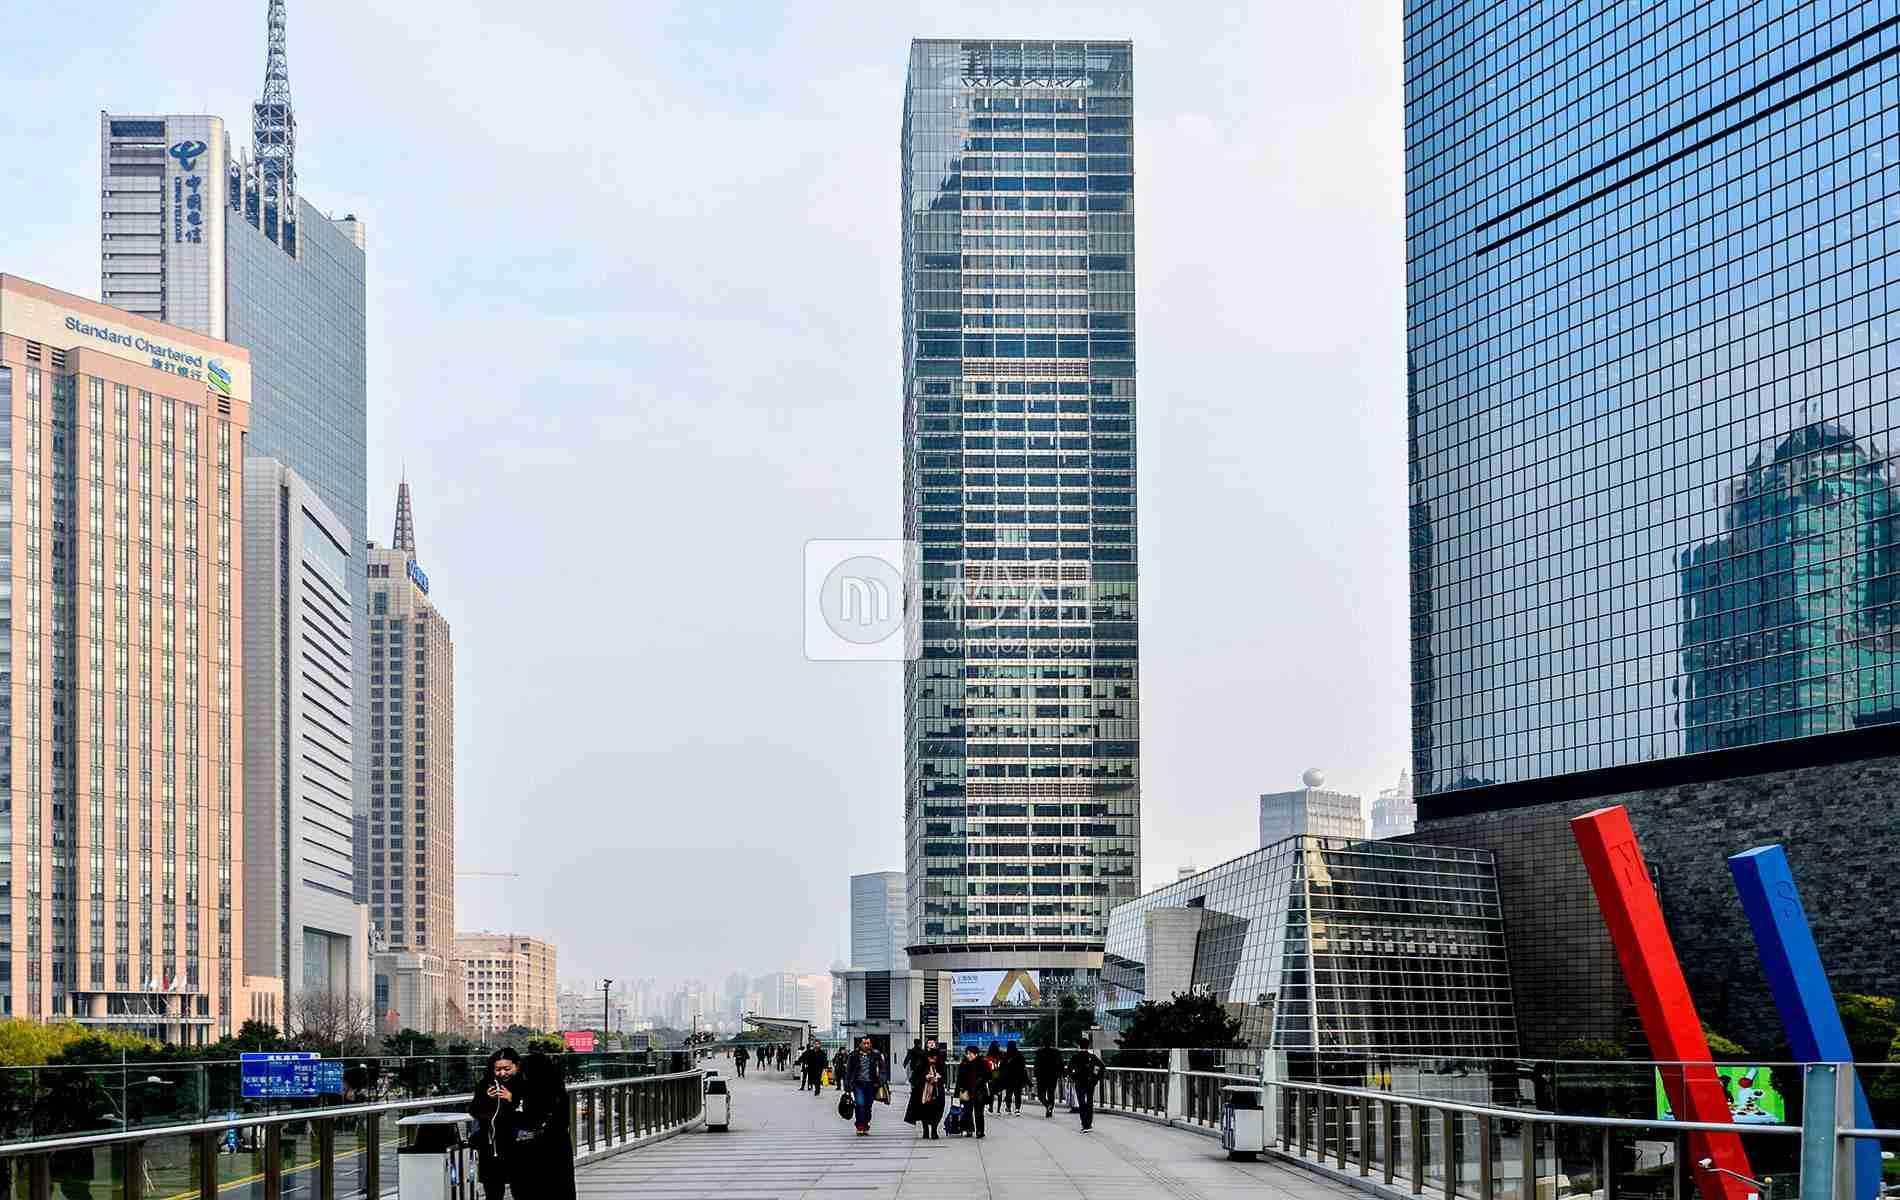 21世纪大厦写字楼出租/招租/租赁,21世纪大厦办公室出租/招租/租赁